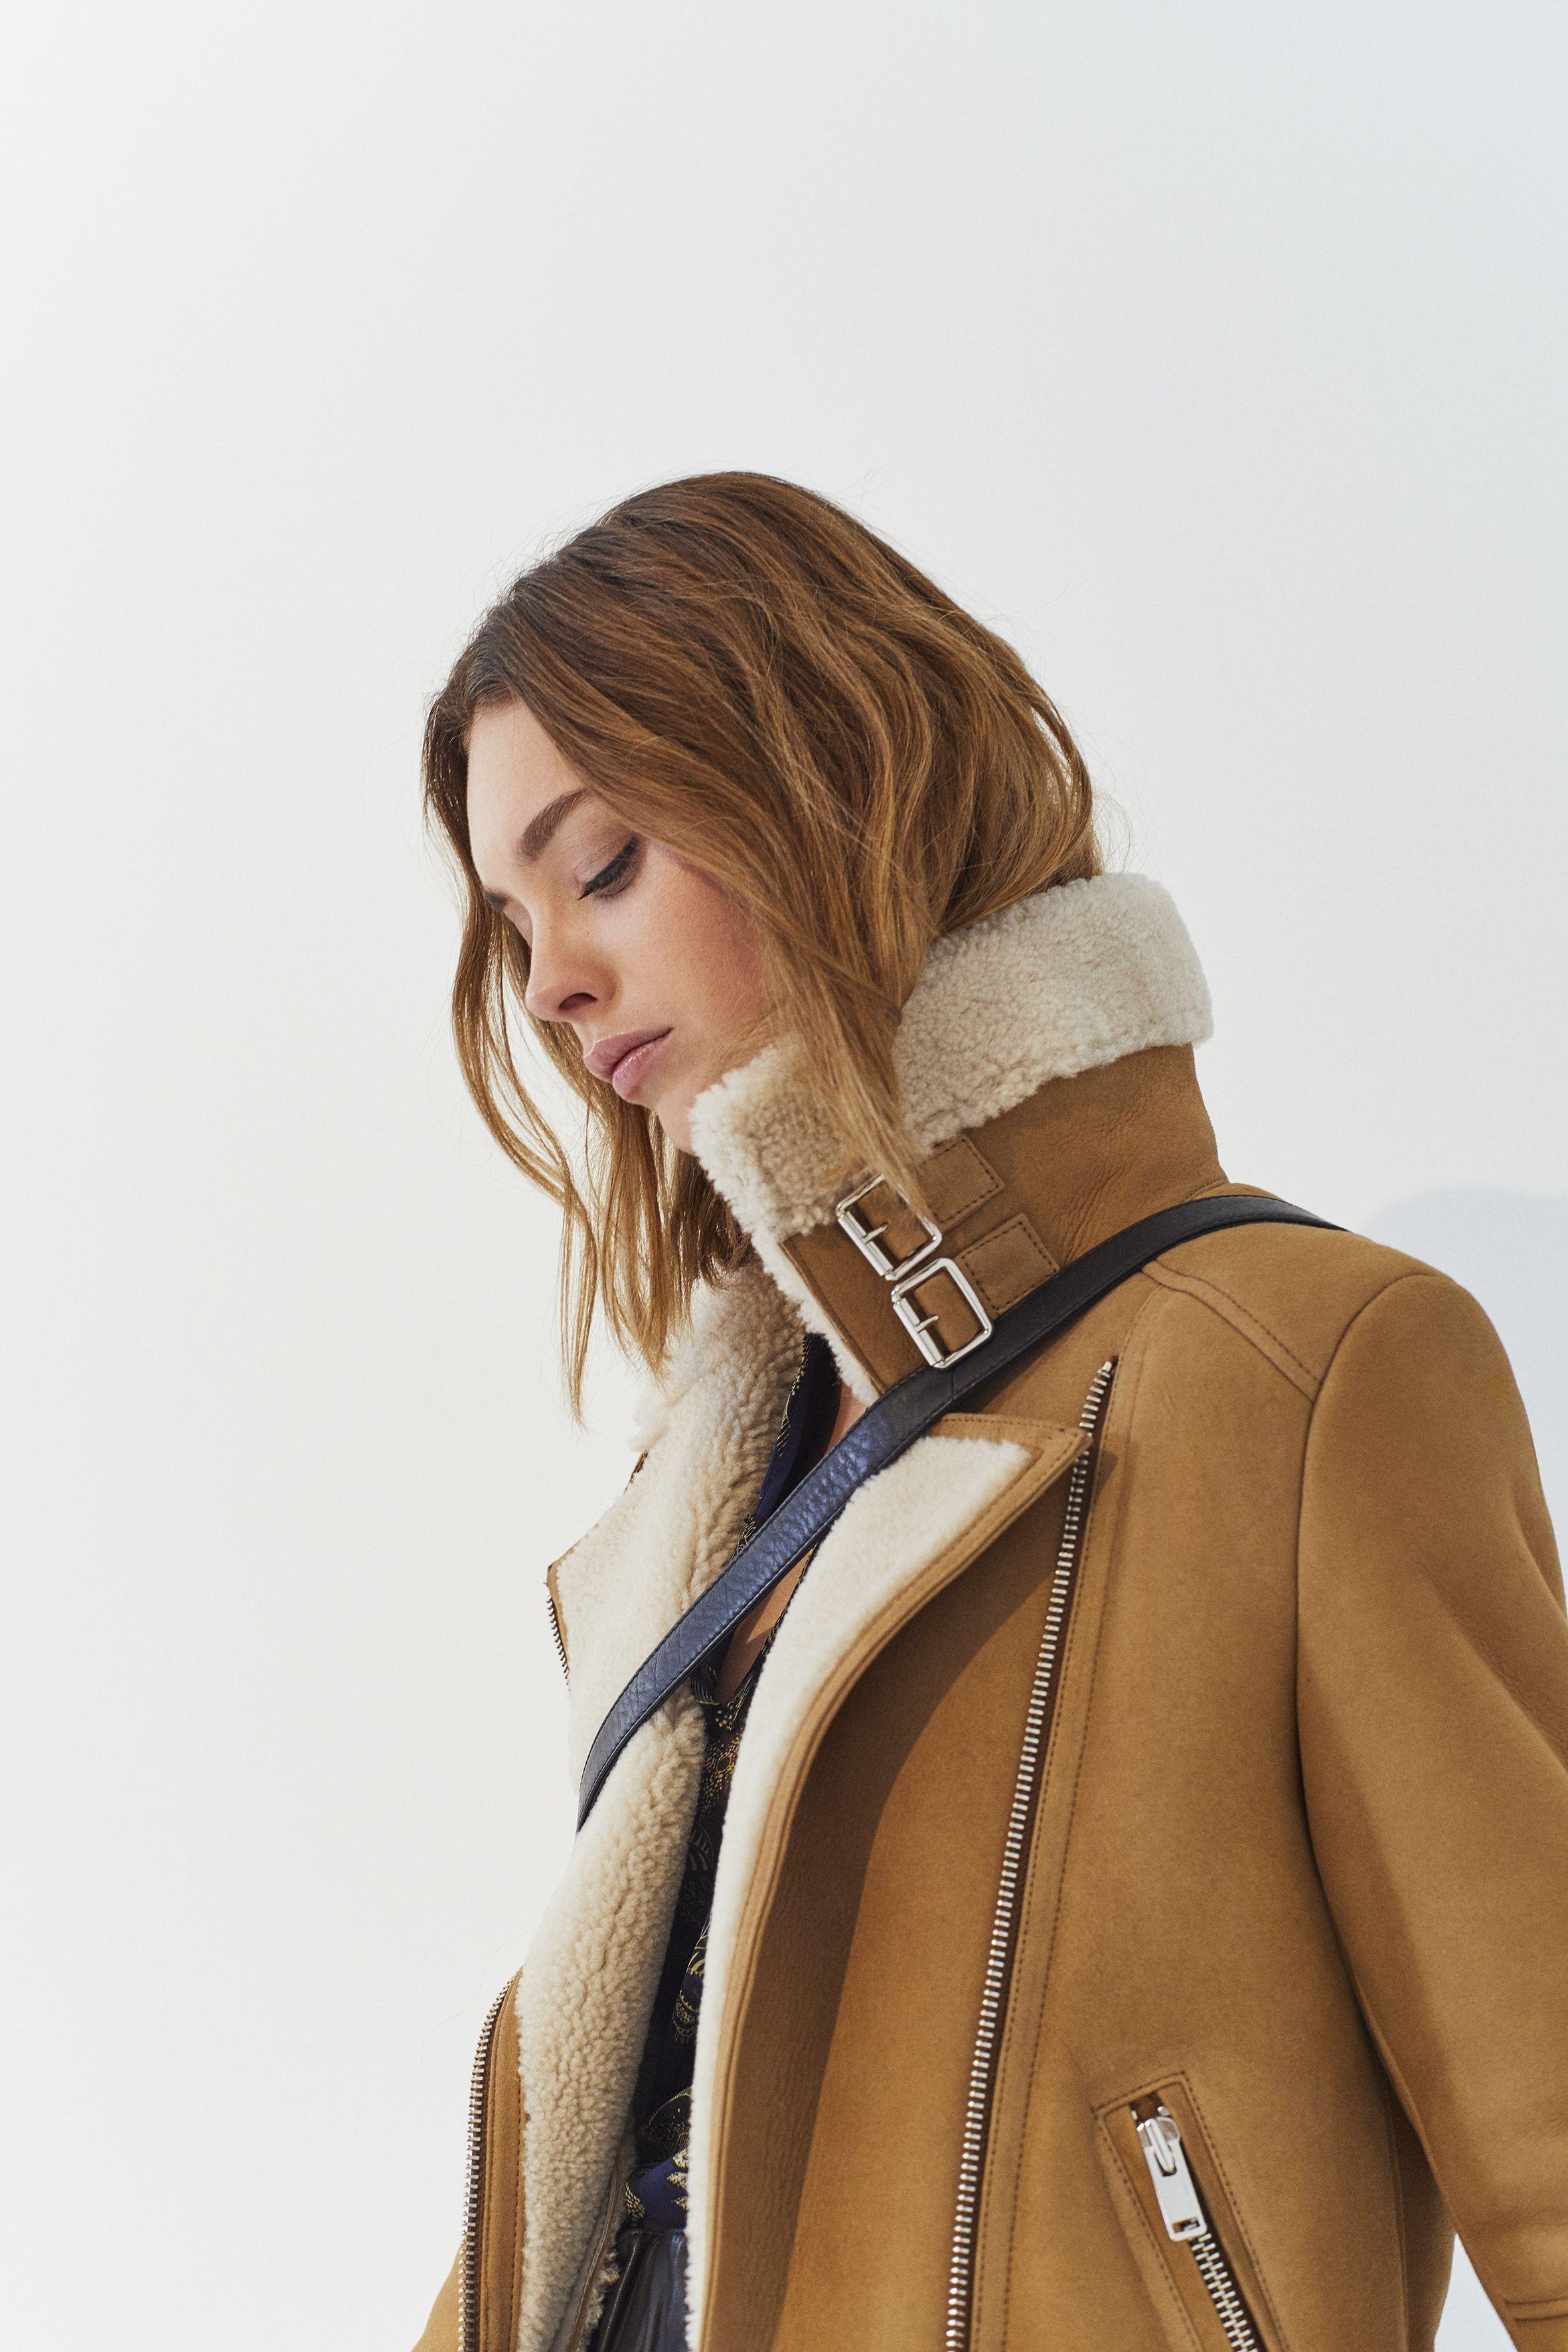 Manteau peaux lainés camel IKKS Women, collection femme Automne hiver 2017   womenstyle   c97e09e4e80